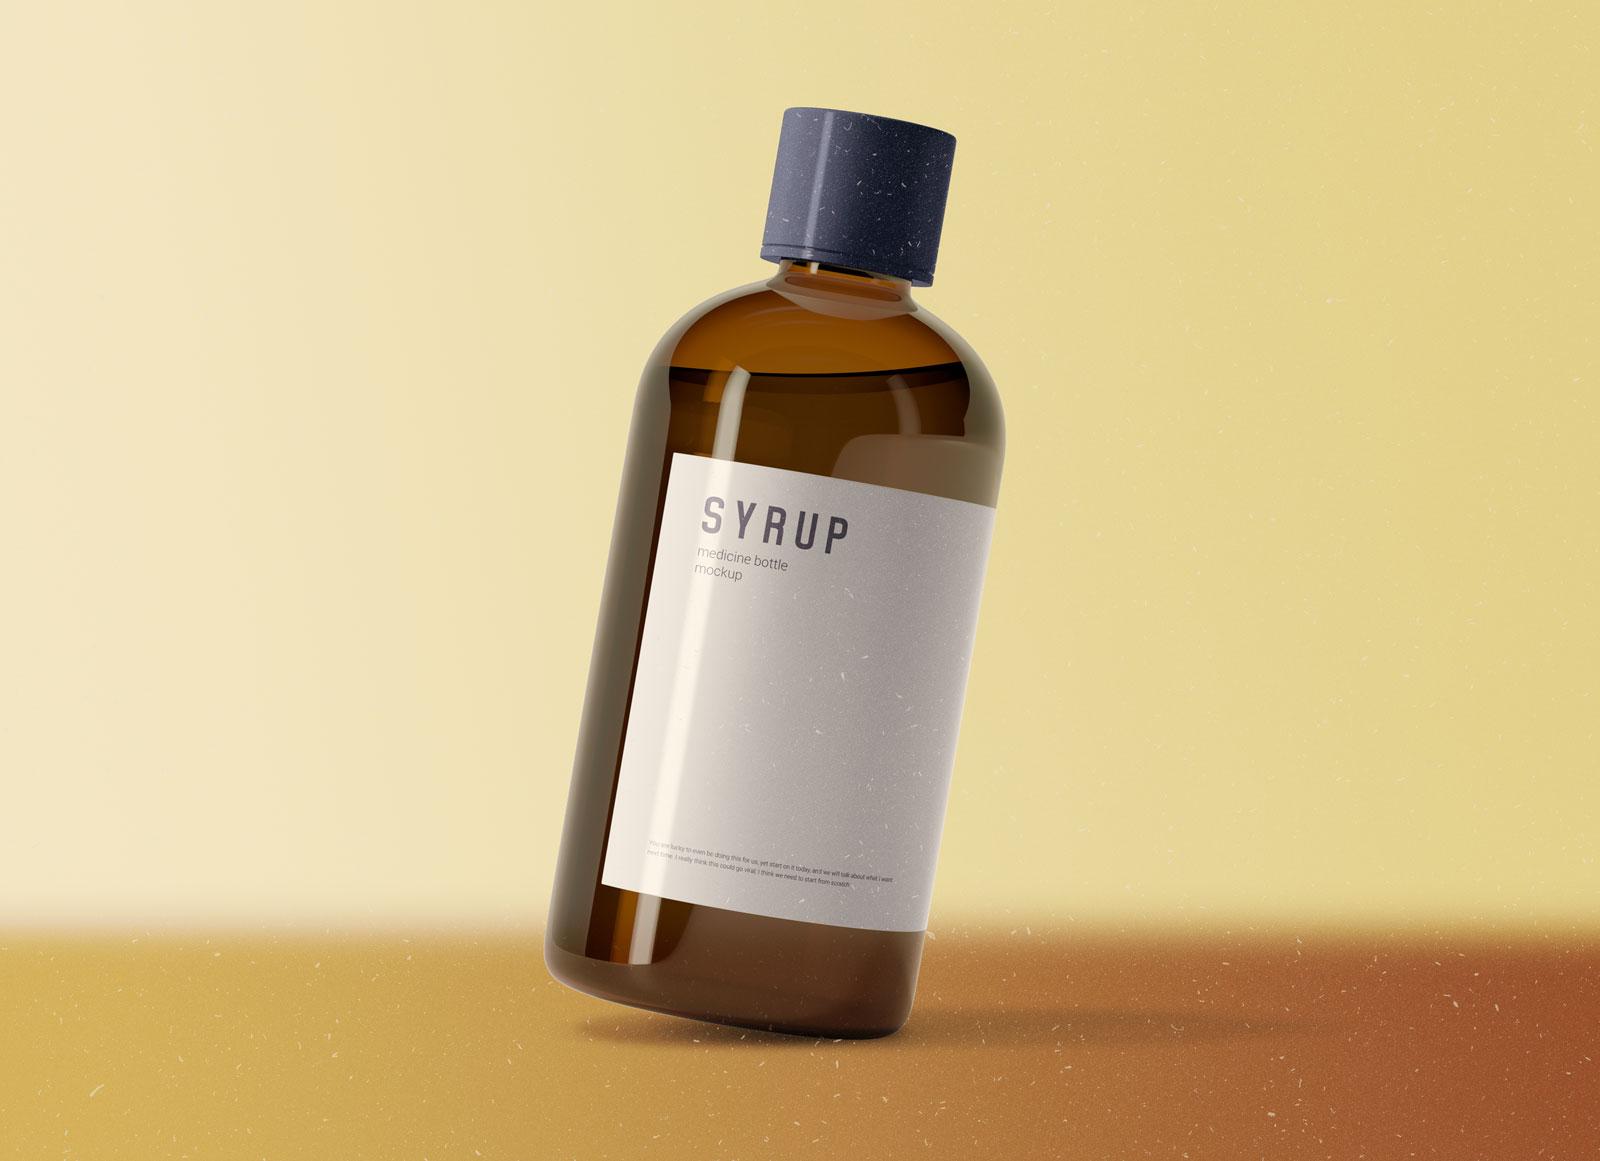 Free-Glass-Syrup-Bottle-Mockup-PSD